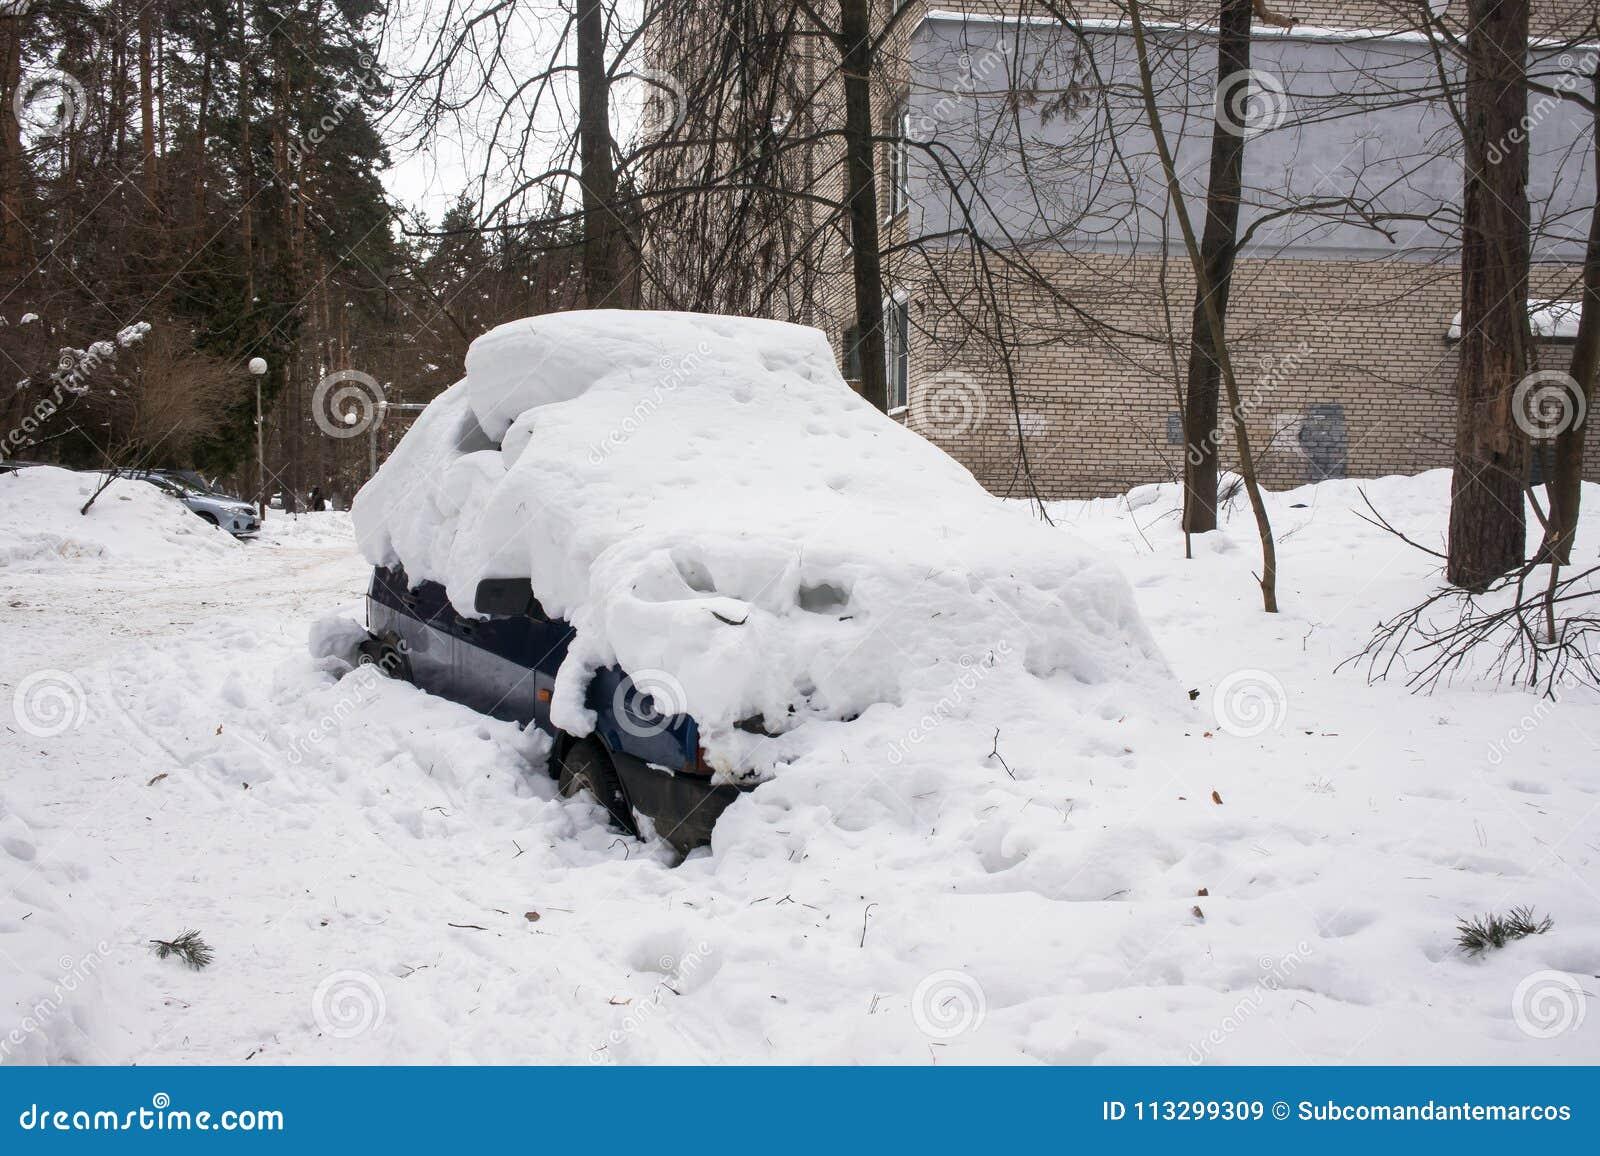 Das Auto, bedeckt mit starker Schneeschicht, im Yard des Wohnhauses in der provilcial Stadt